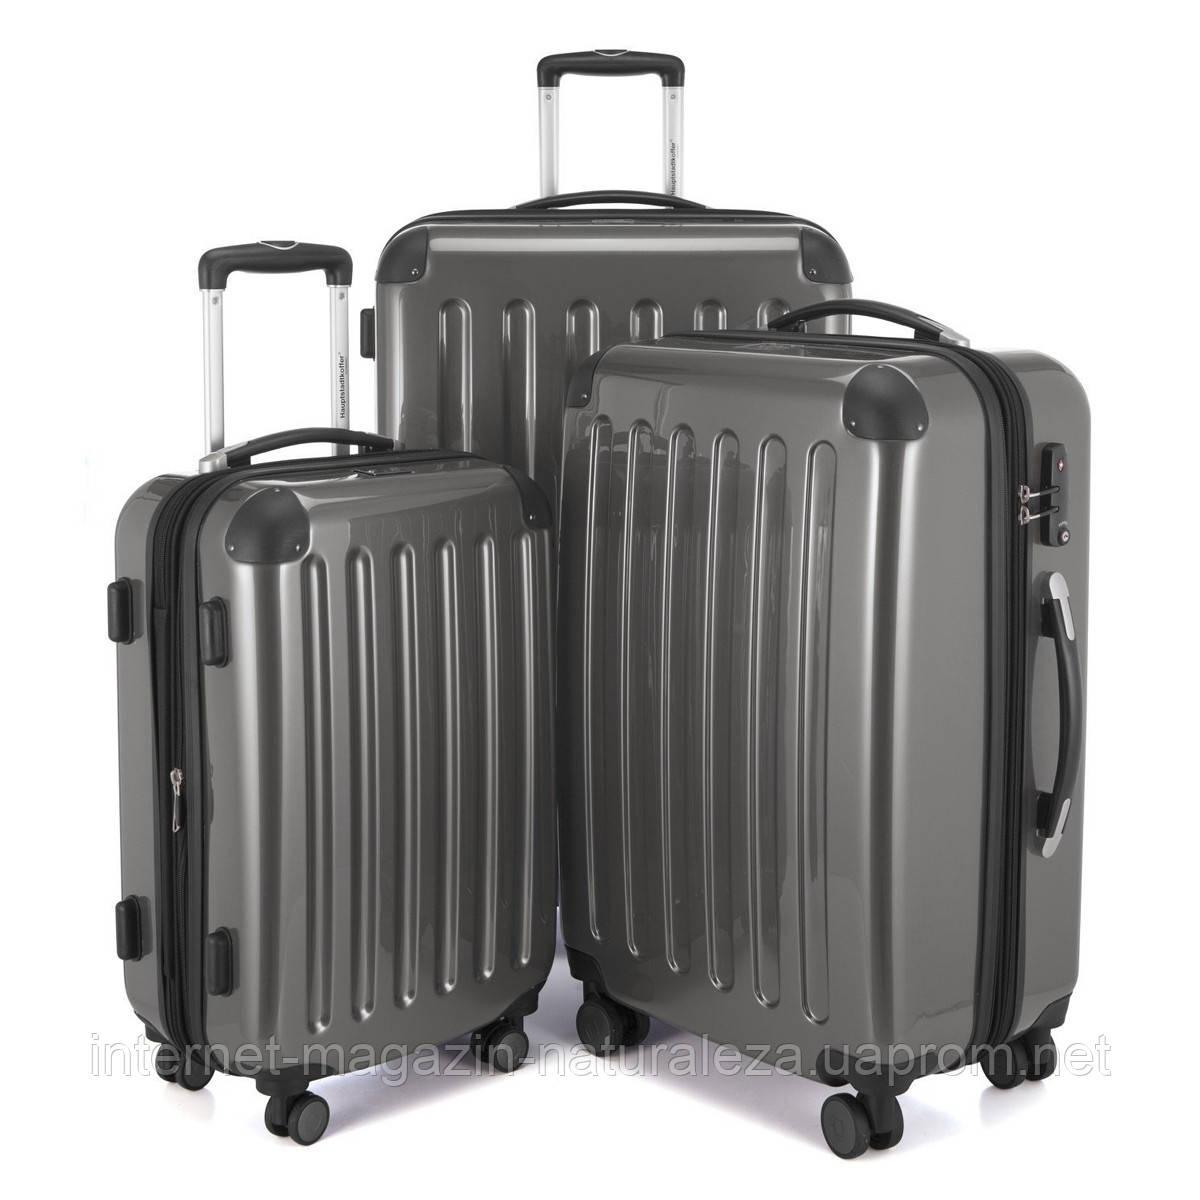 Набор чемоданов Hauptstadtkoffer Alex титановый